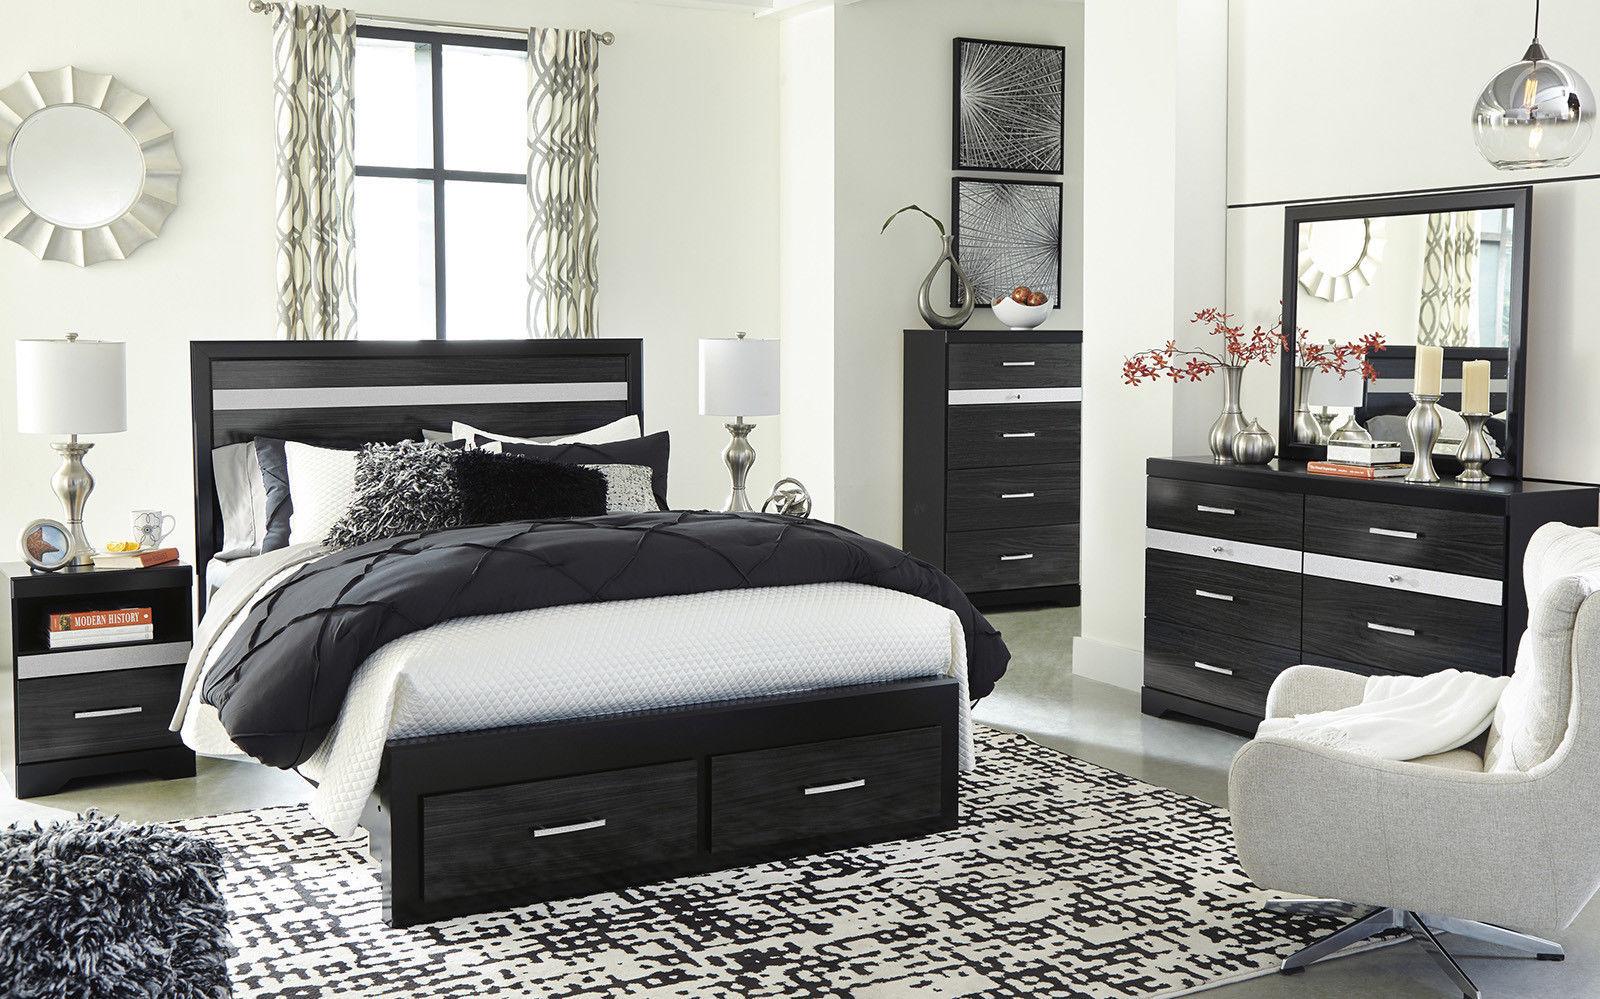 PRIMA 5 Pieces Modern Black Bedroom Suite W. Queen Size